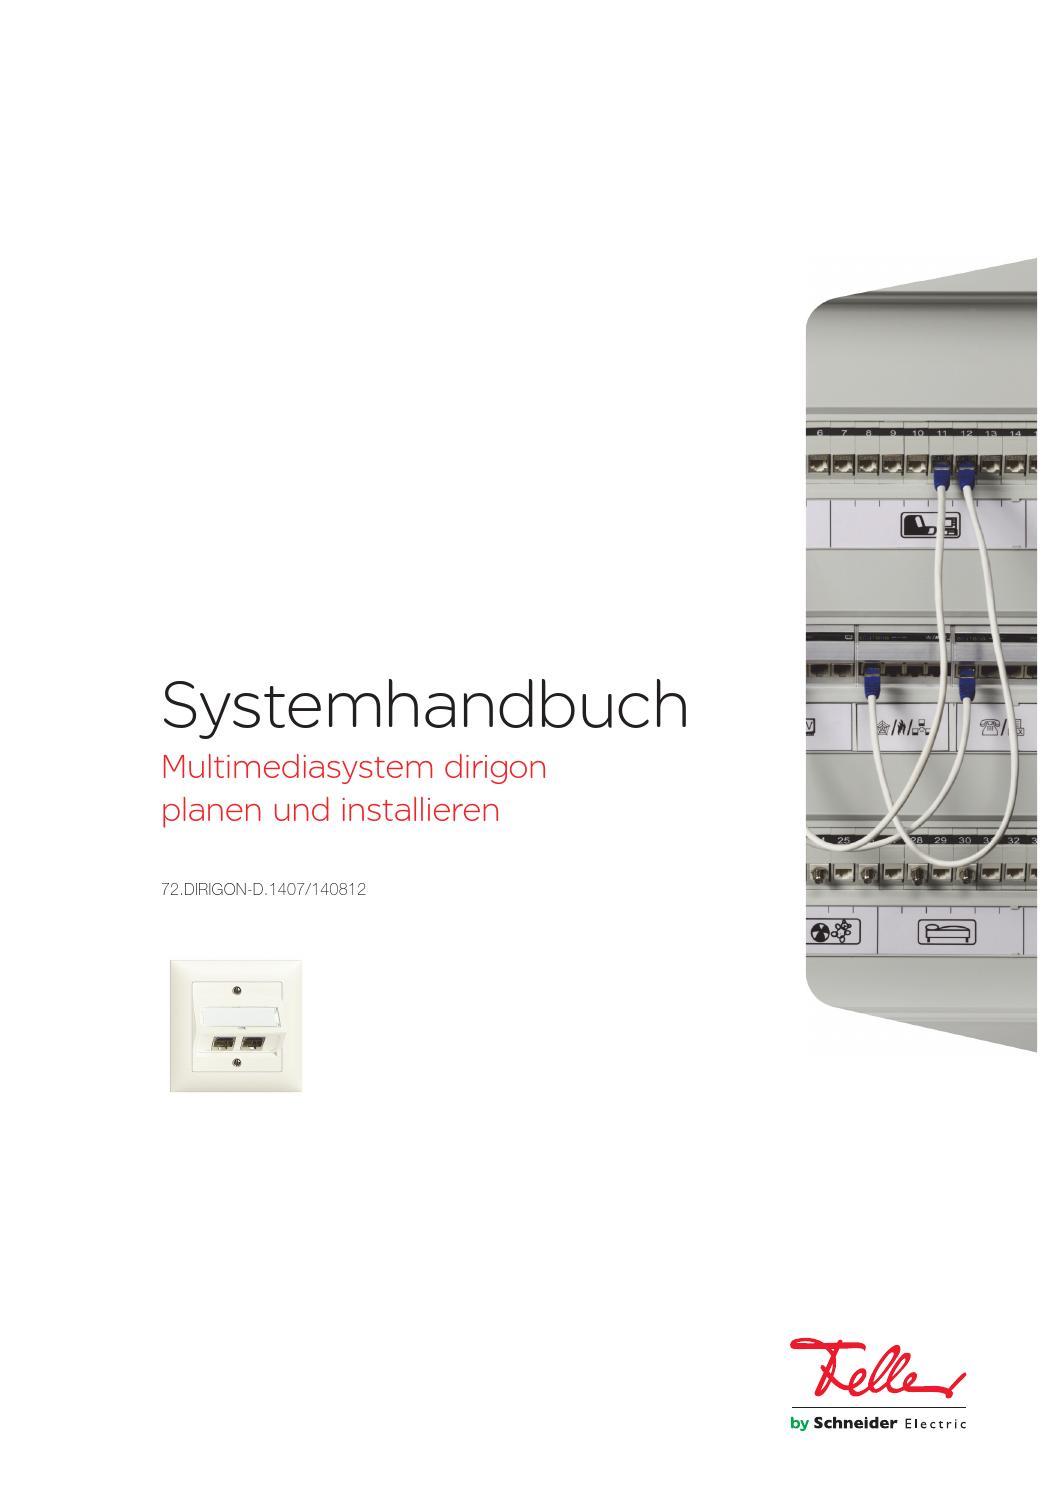 Systemhandbuch dirigon by Feller AG - issuu